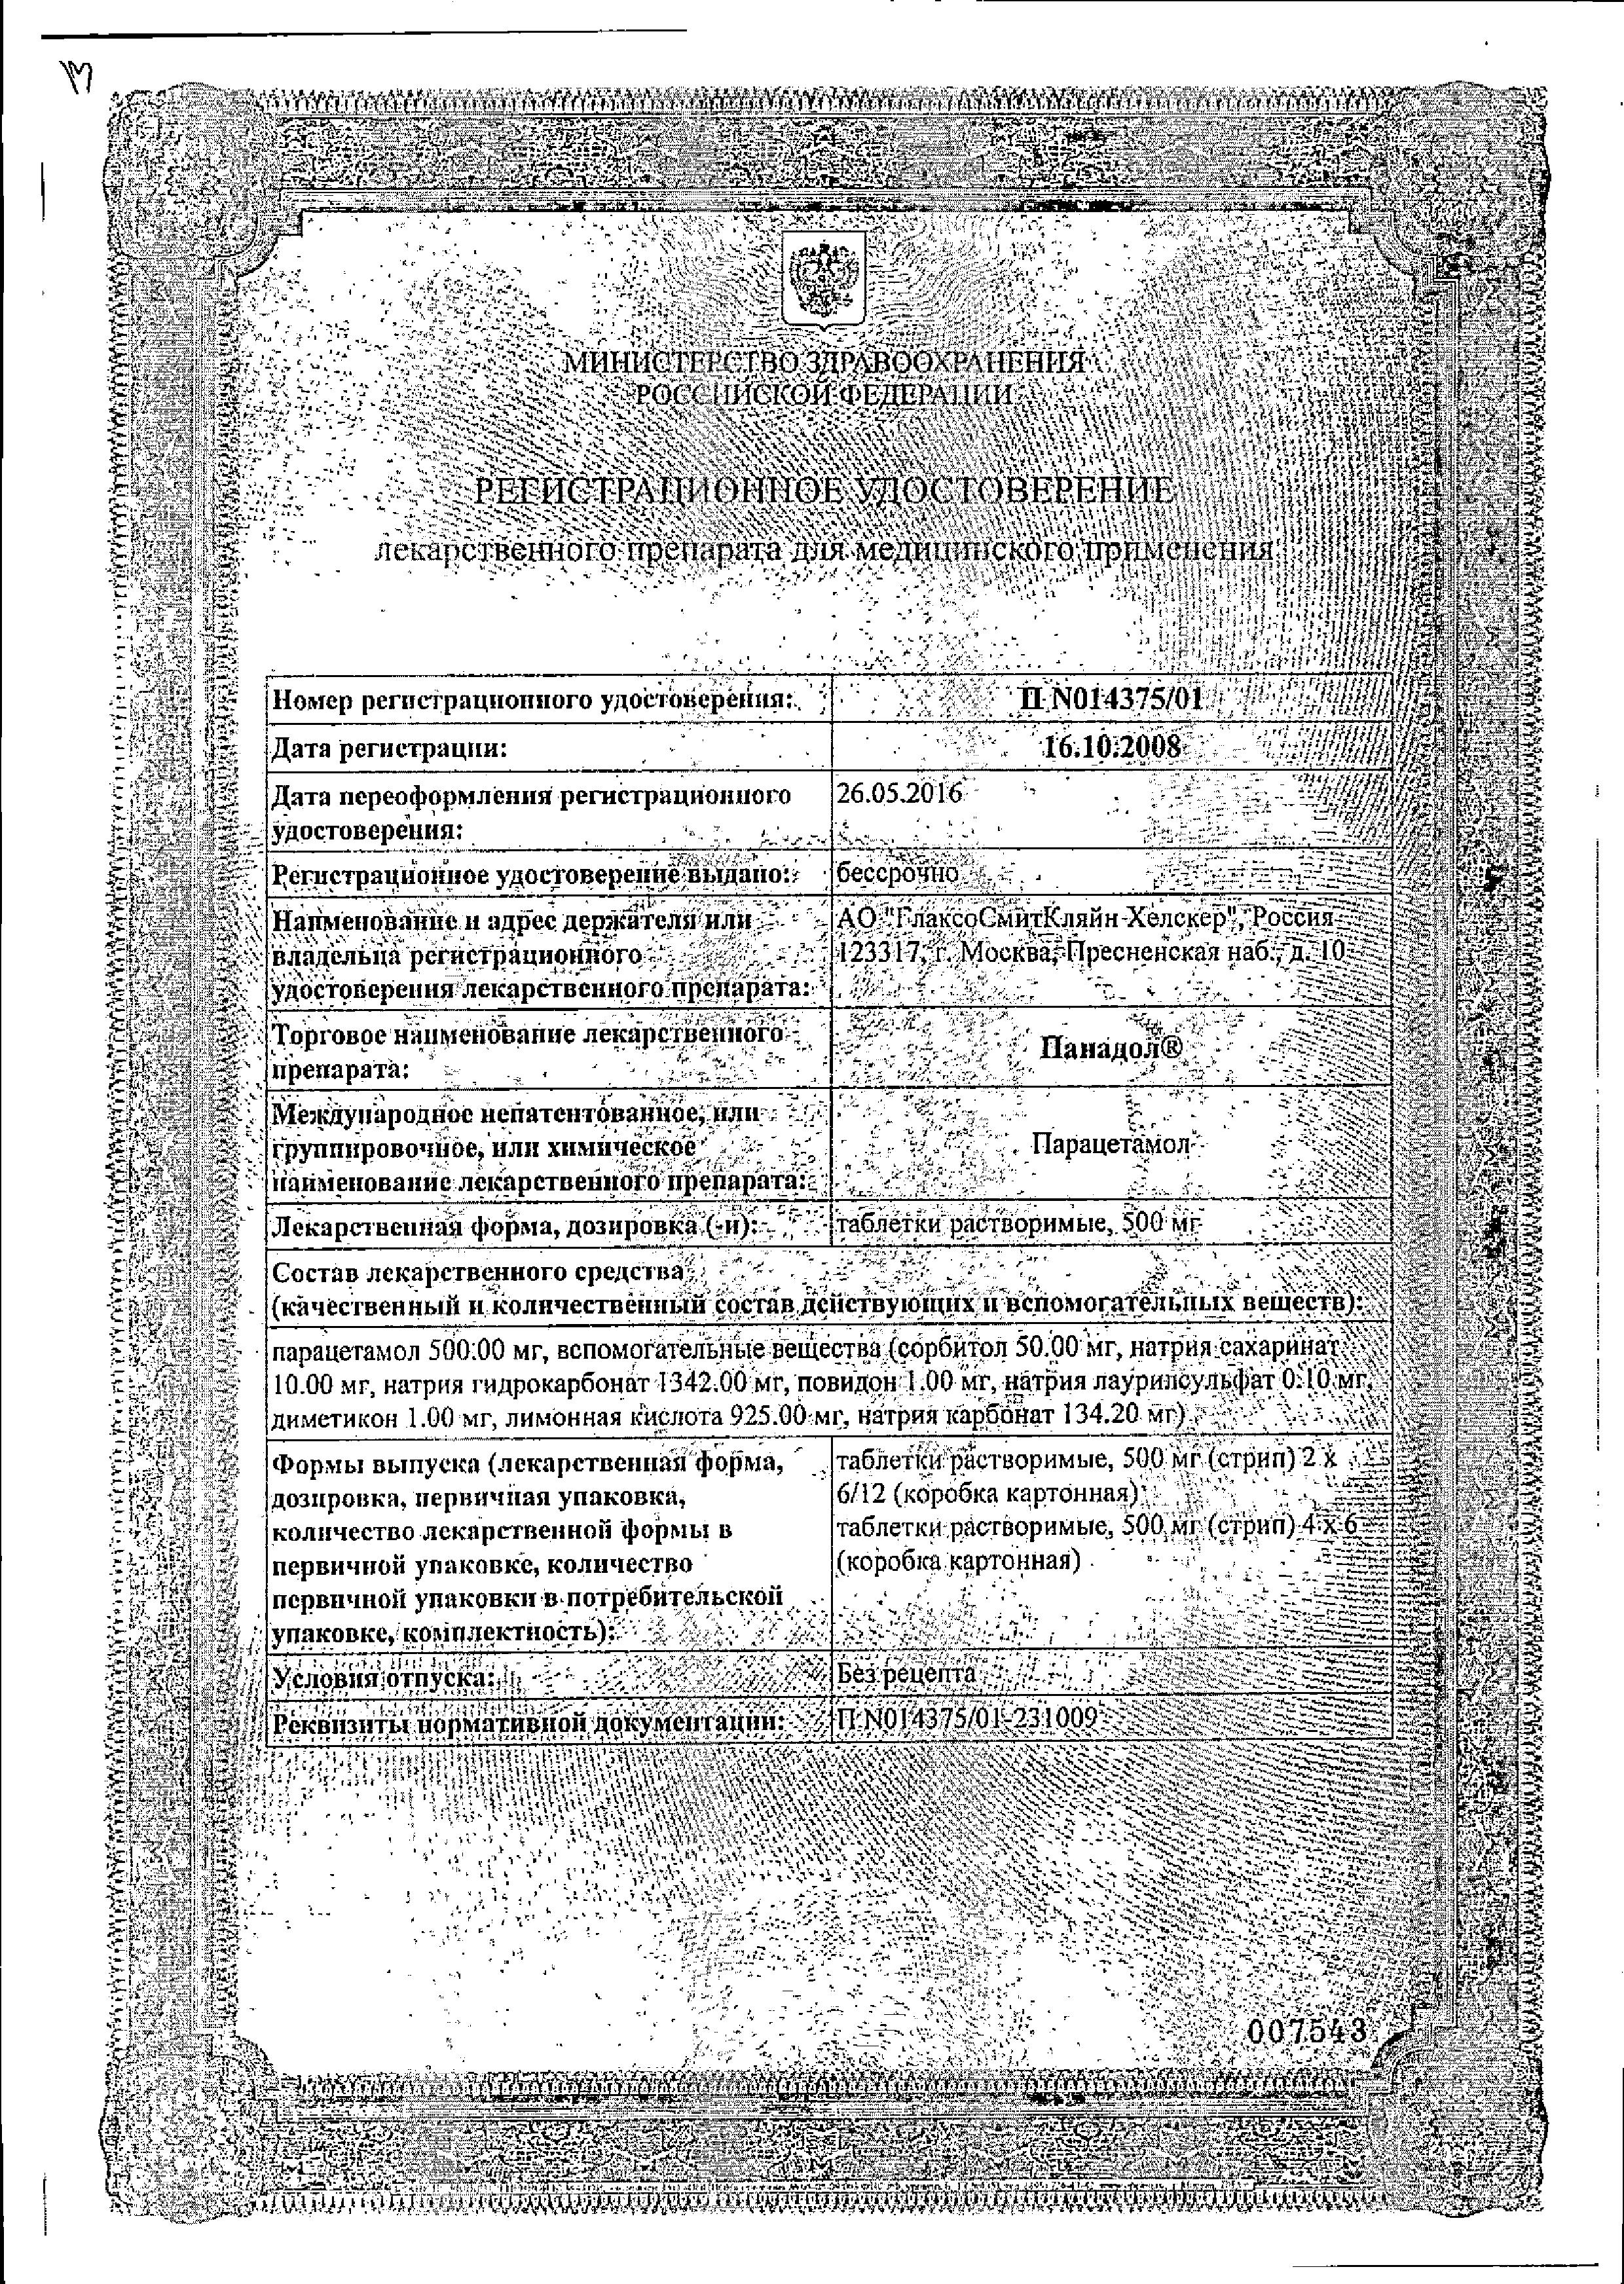 Панадол сертификат